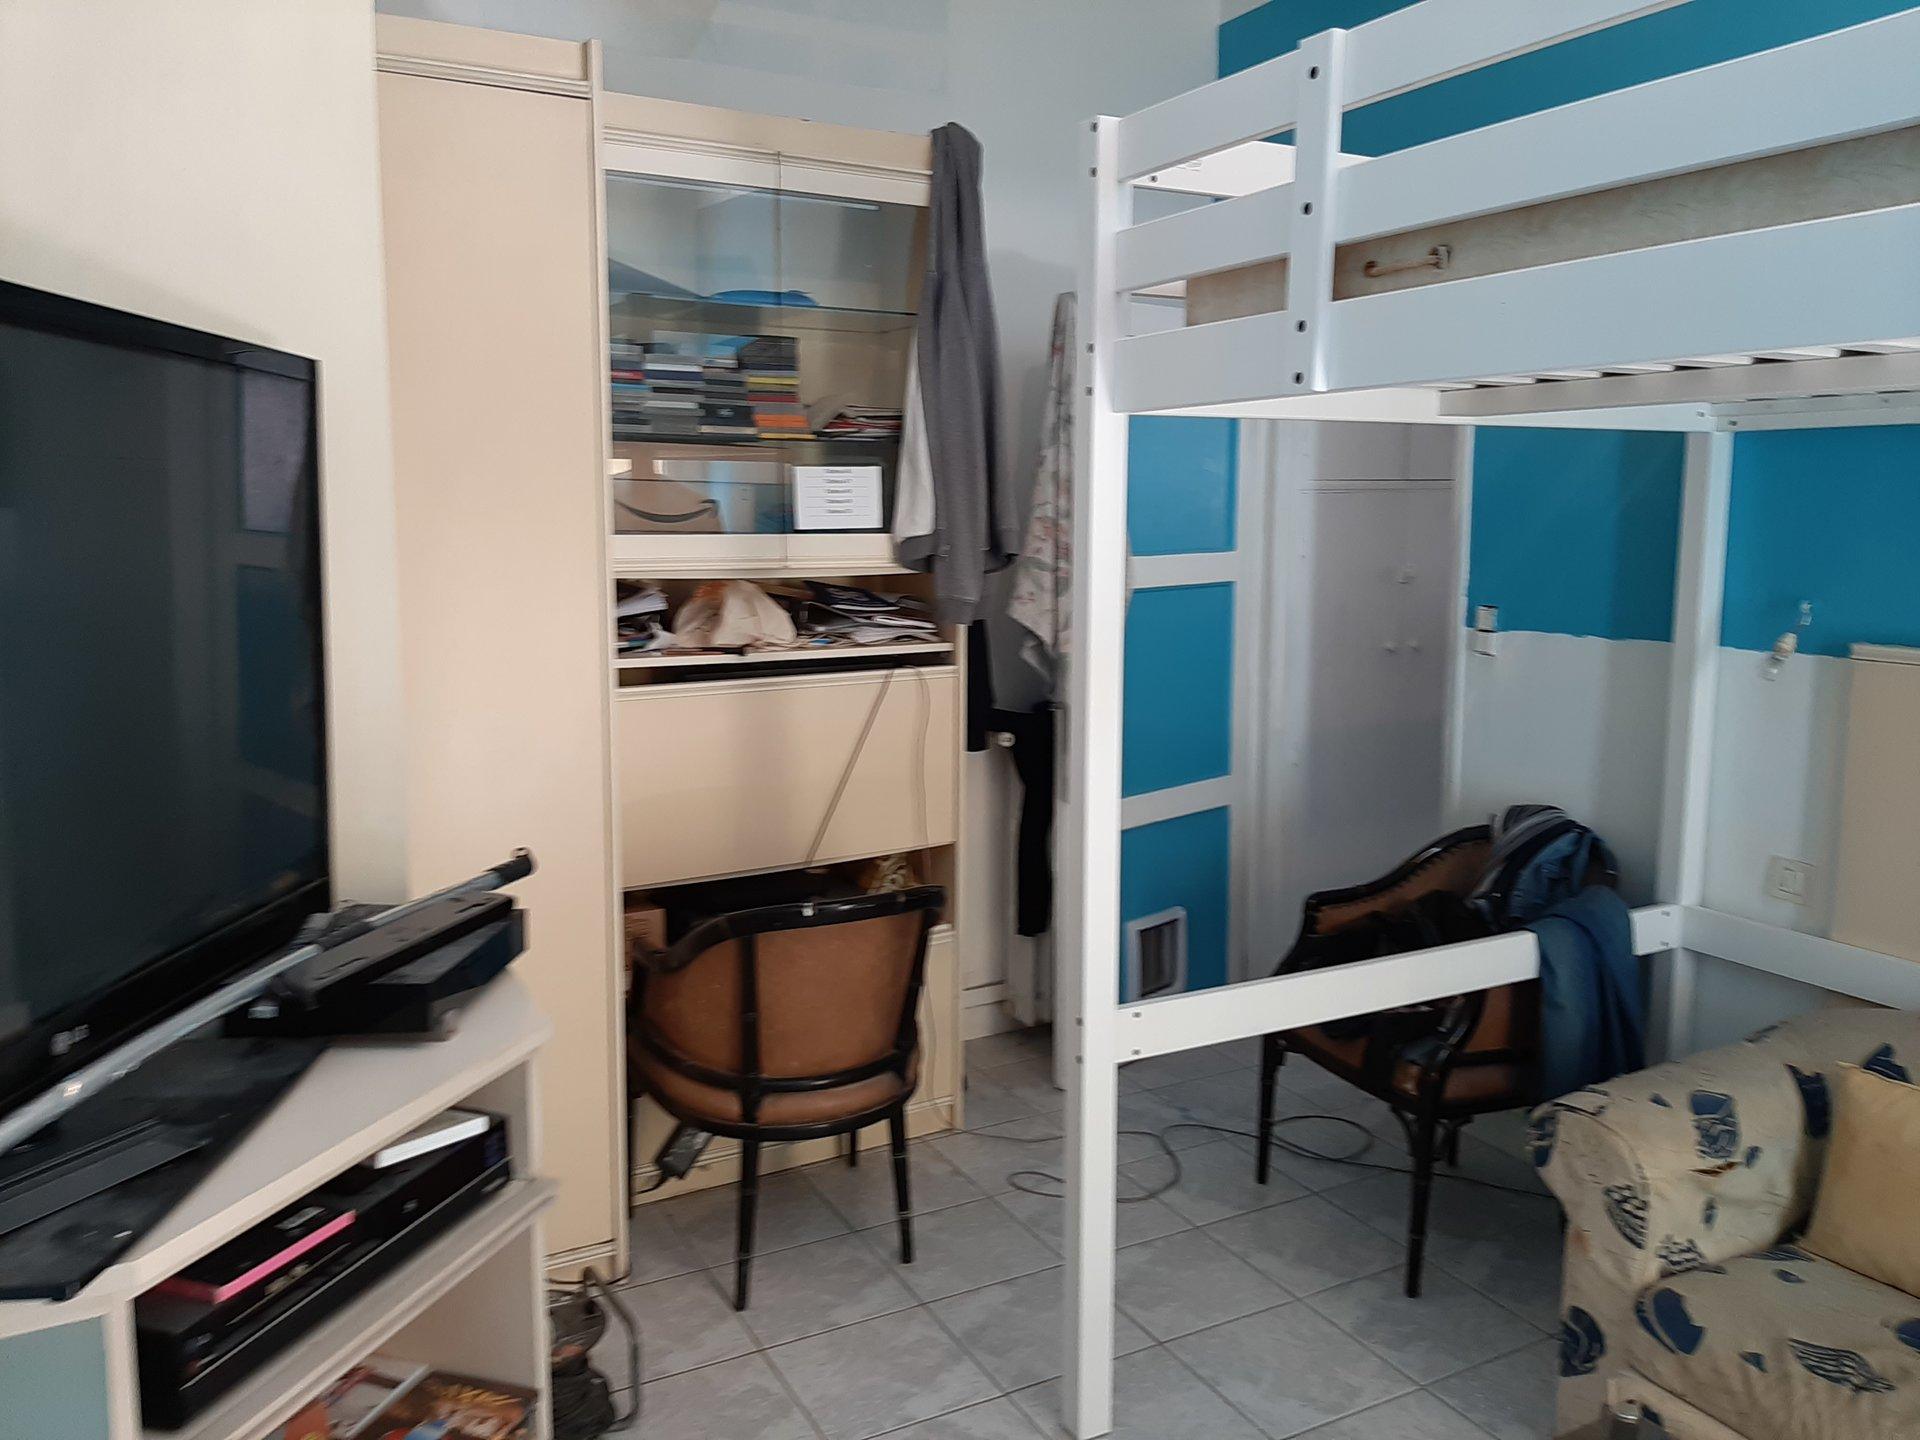 F3 de 54.55 m² au cœur de la Libération